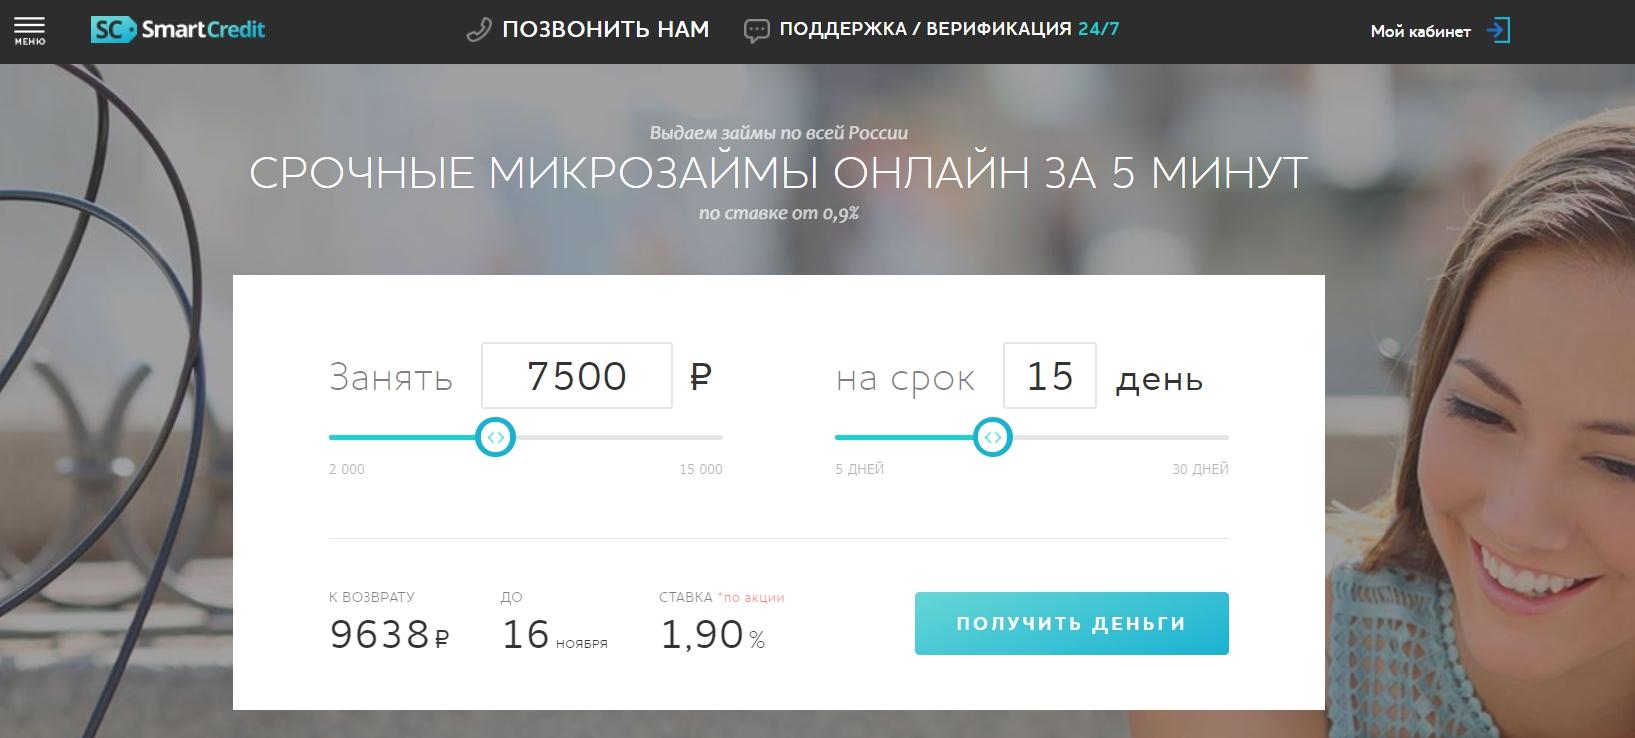 SmartCredit - срочные микрозаймы первый экран